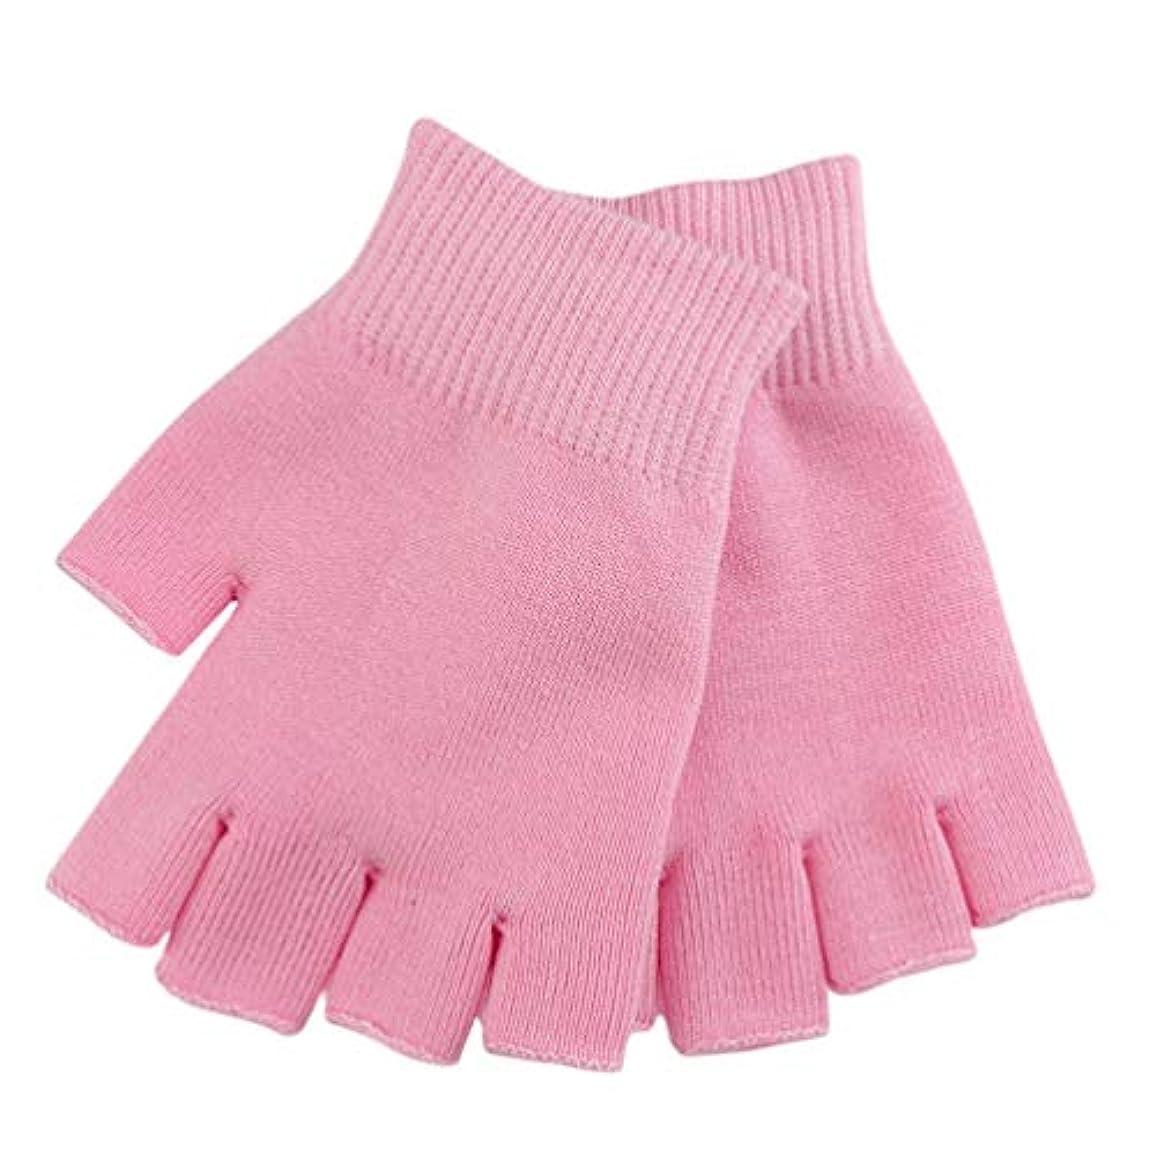 許可するかなり上昇Healifty 保湿スパ手袋治癒のための半分の指のタッチスクリーン手袋綿ゲルライン精油水分指なしミトンに乾燥肌ひび割れ手(ピンク)